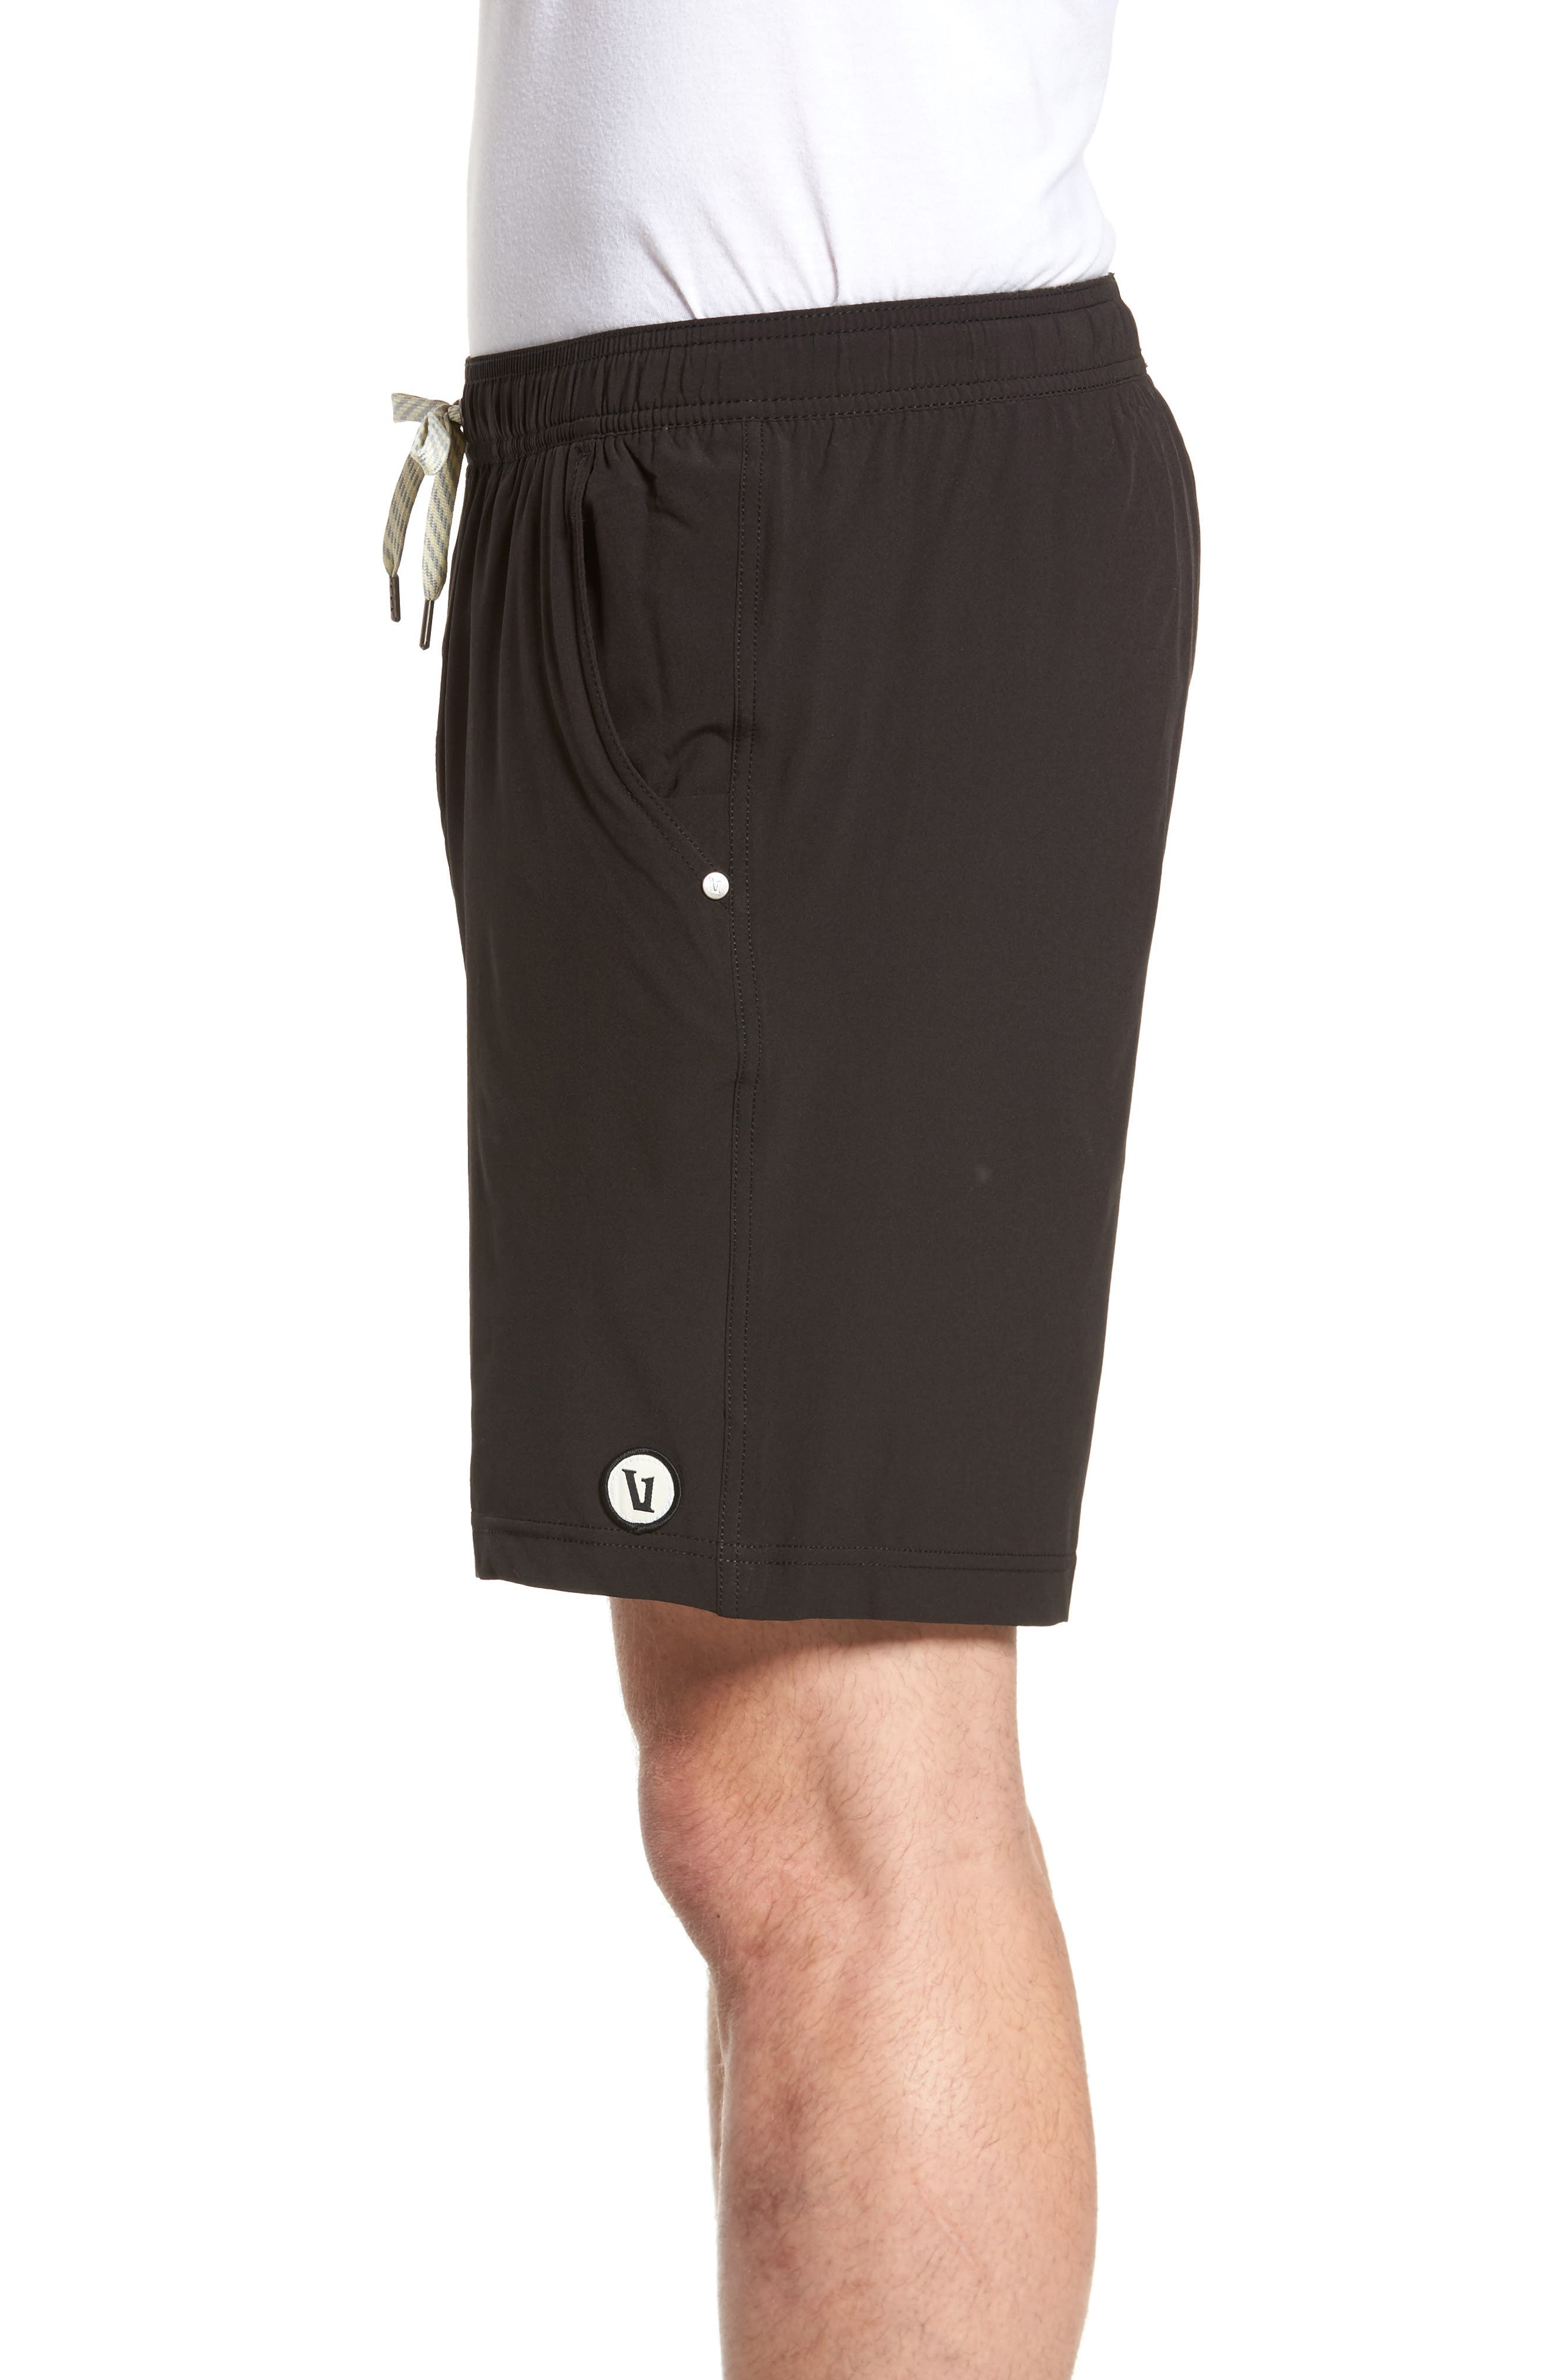 Kore Shorts,                             Alternate thumbnail 3, color,                             BLACK